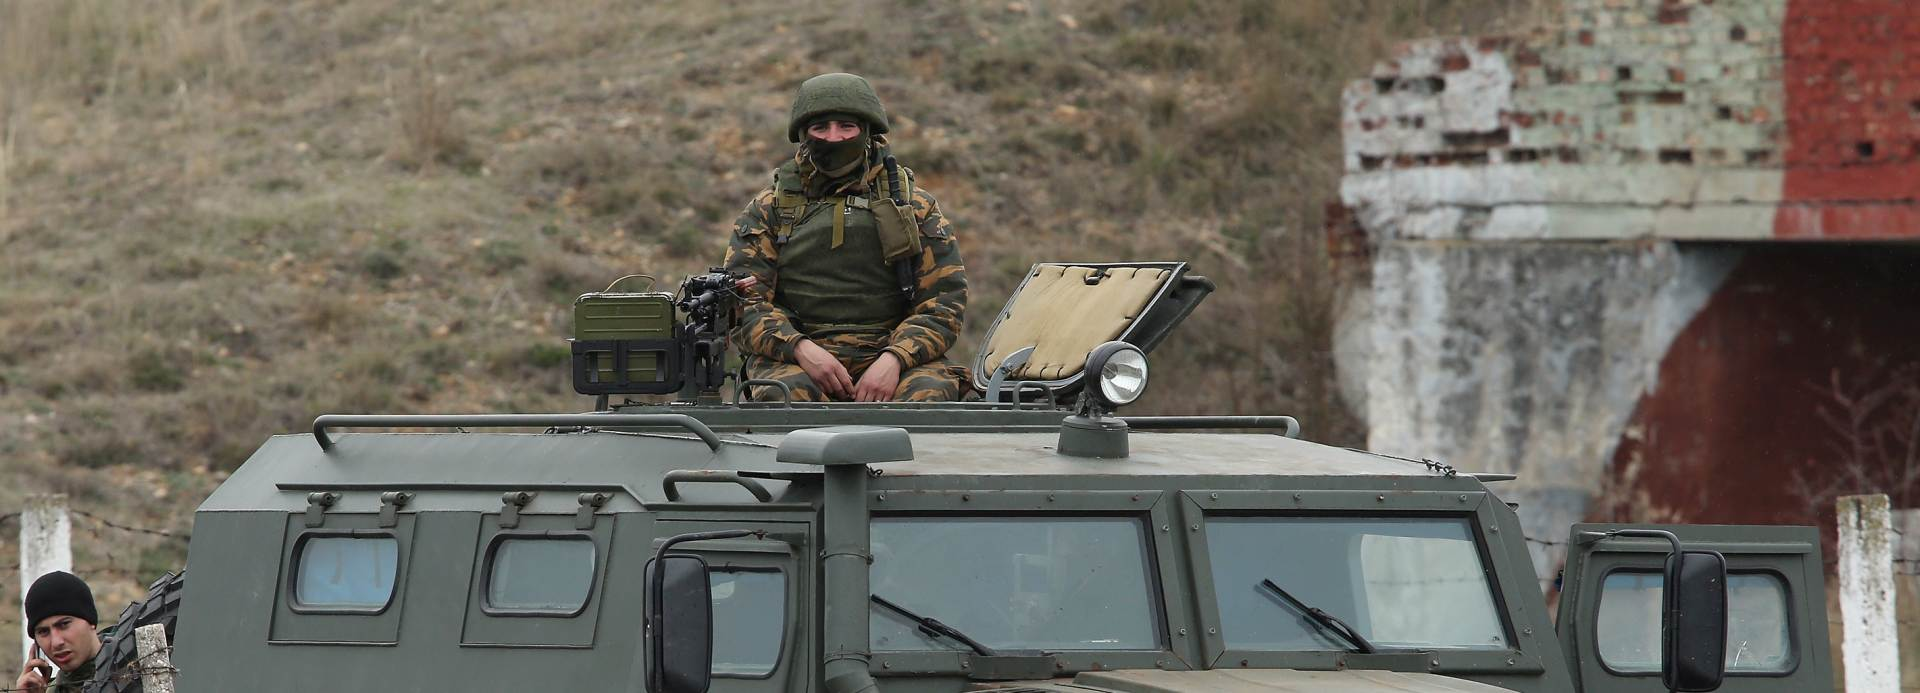 S PET ZVJEZDICA: Rusija gradi veliku vojnu bazu blizu ukrajinske granice